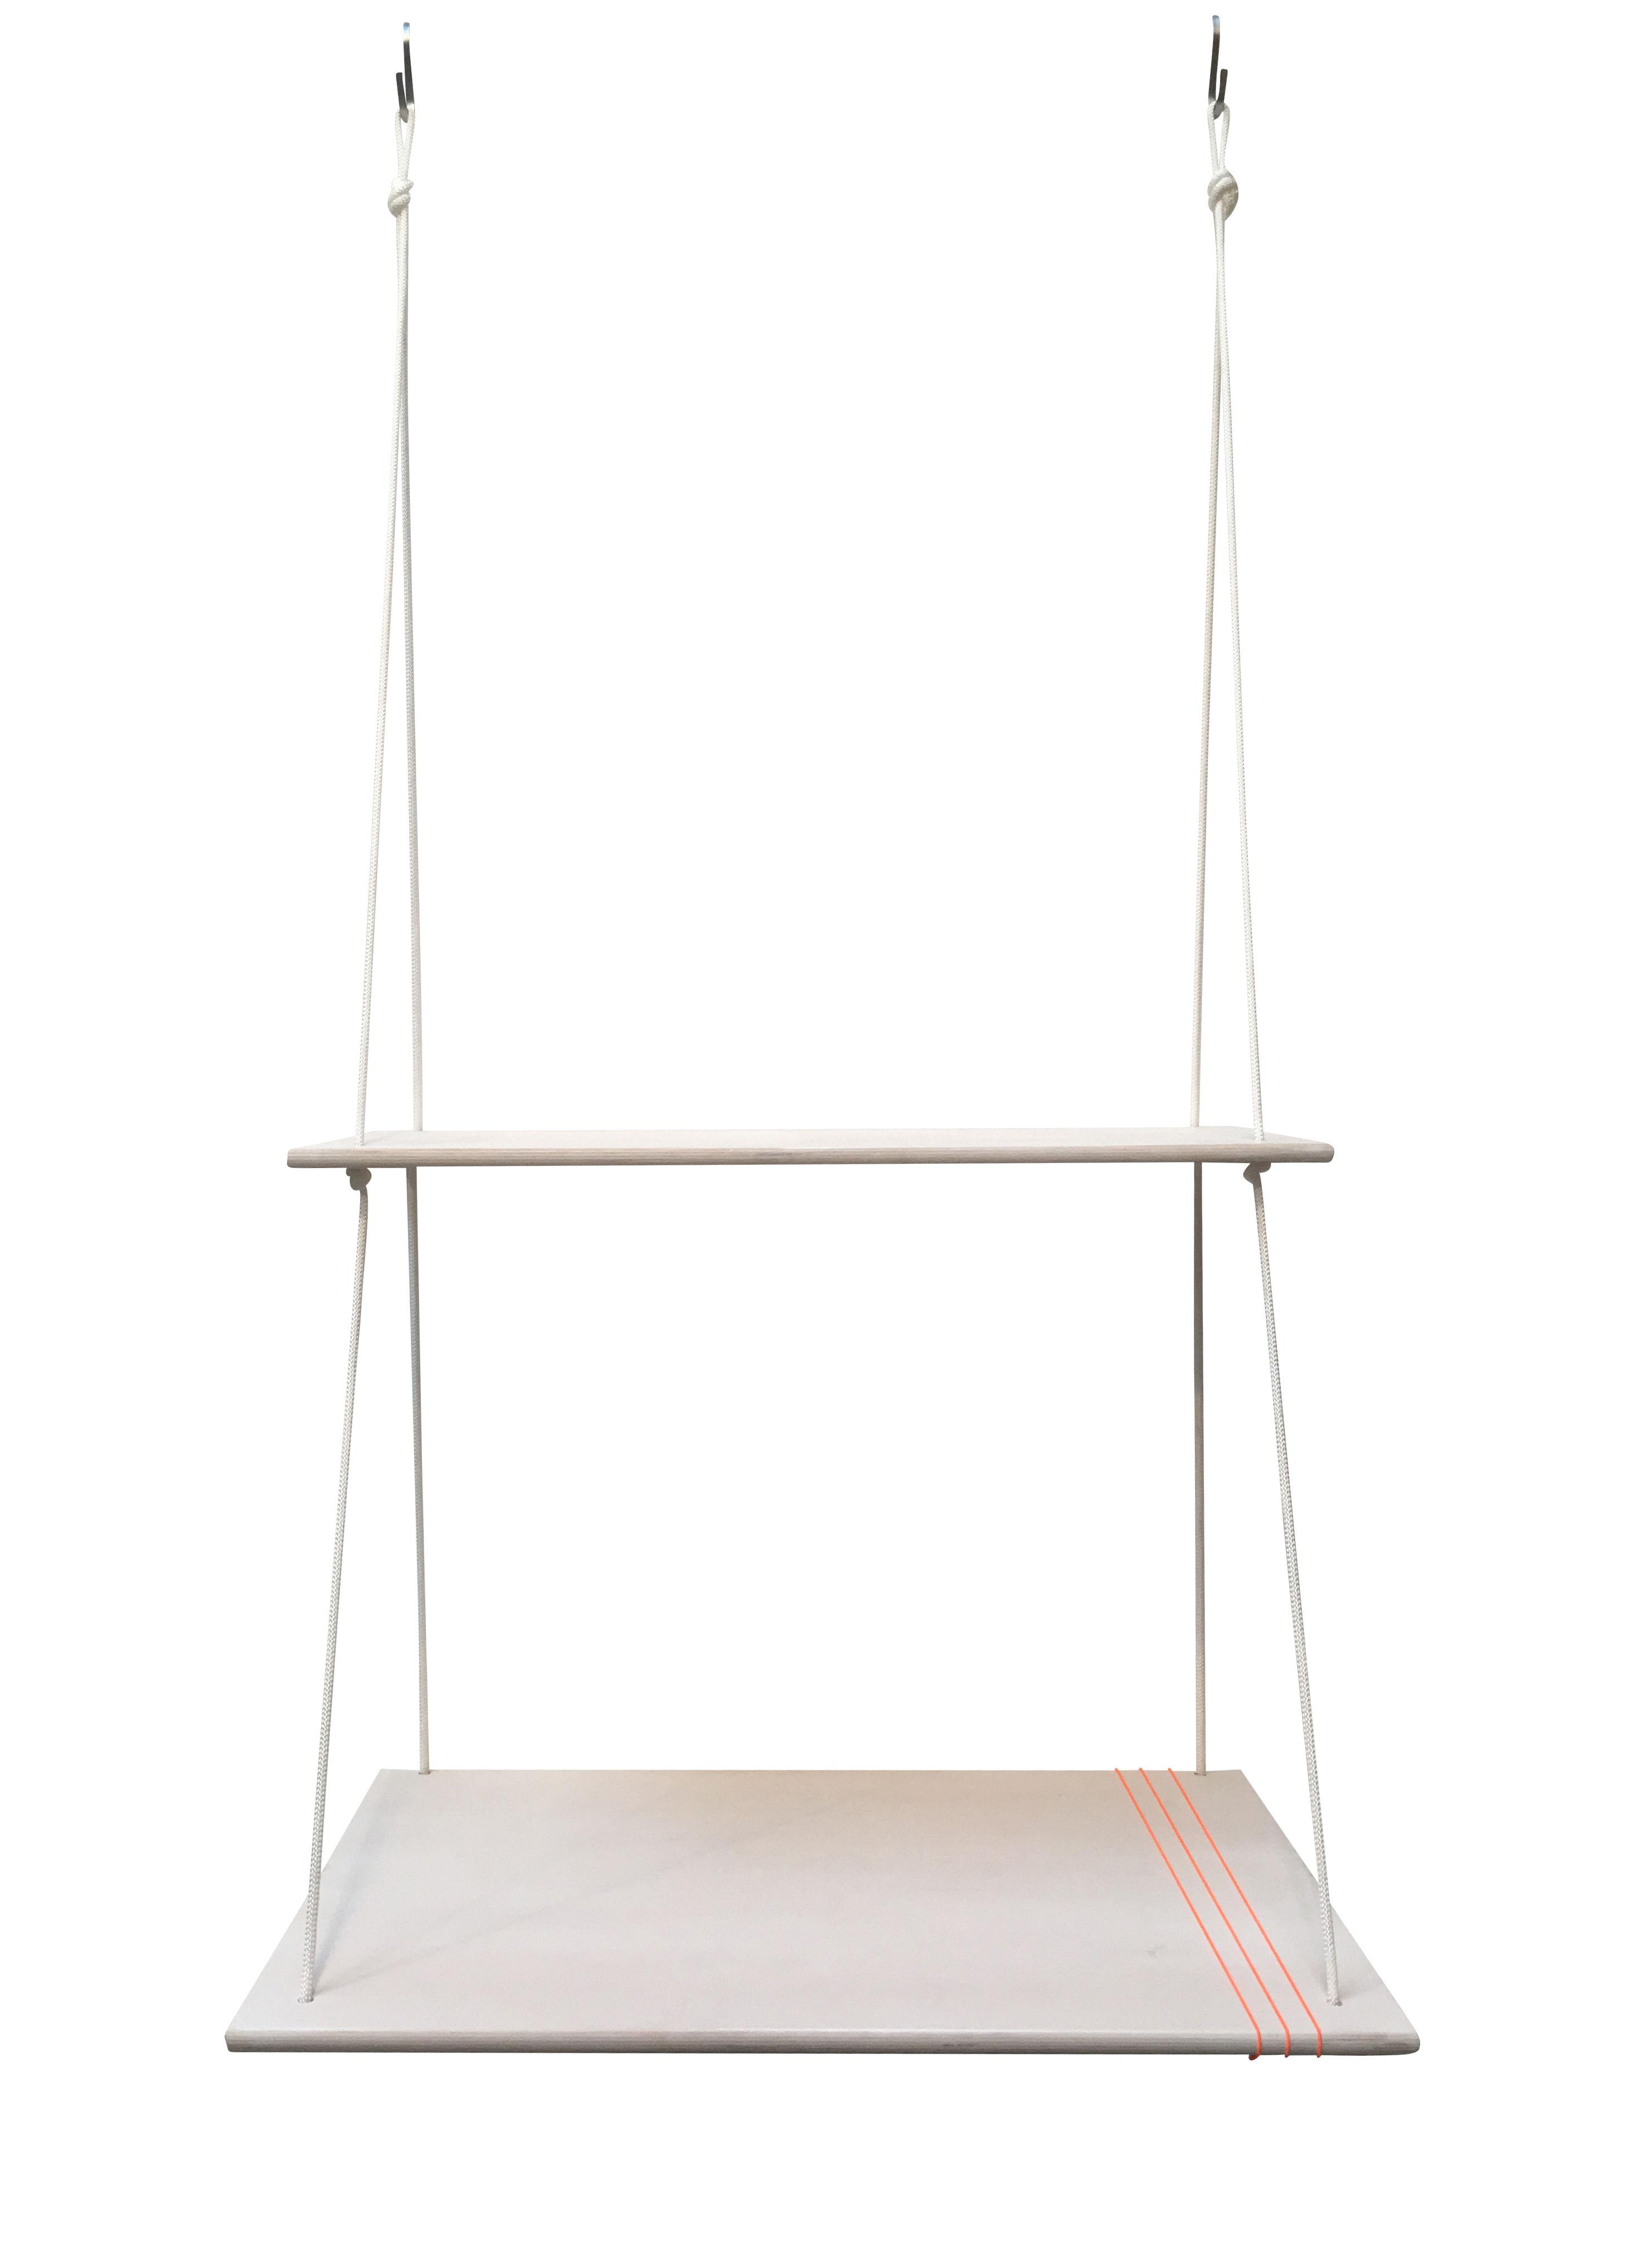 Mobilier - Mobilier Kids - Bureau Hang Desk / à suspendre - L 90 x P 55 cm - Trimm Copenhagen - Blanc - Corde, Placage de bouleau